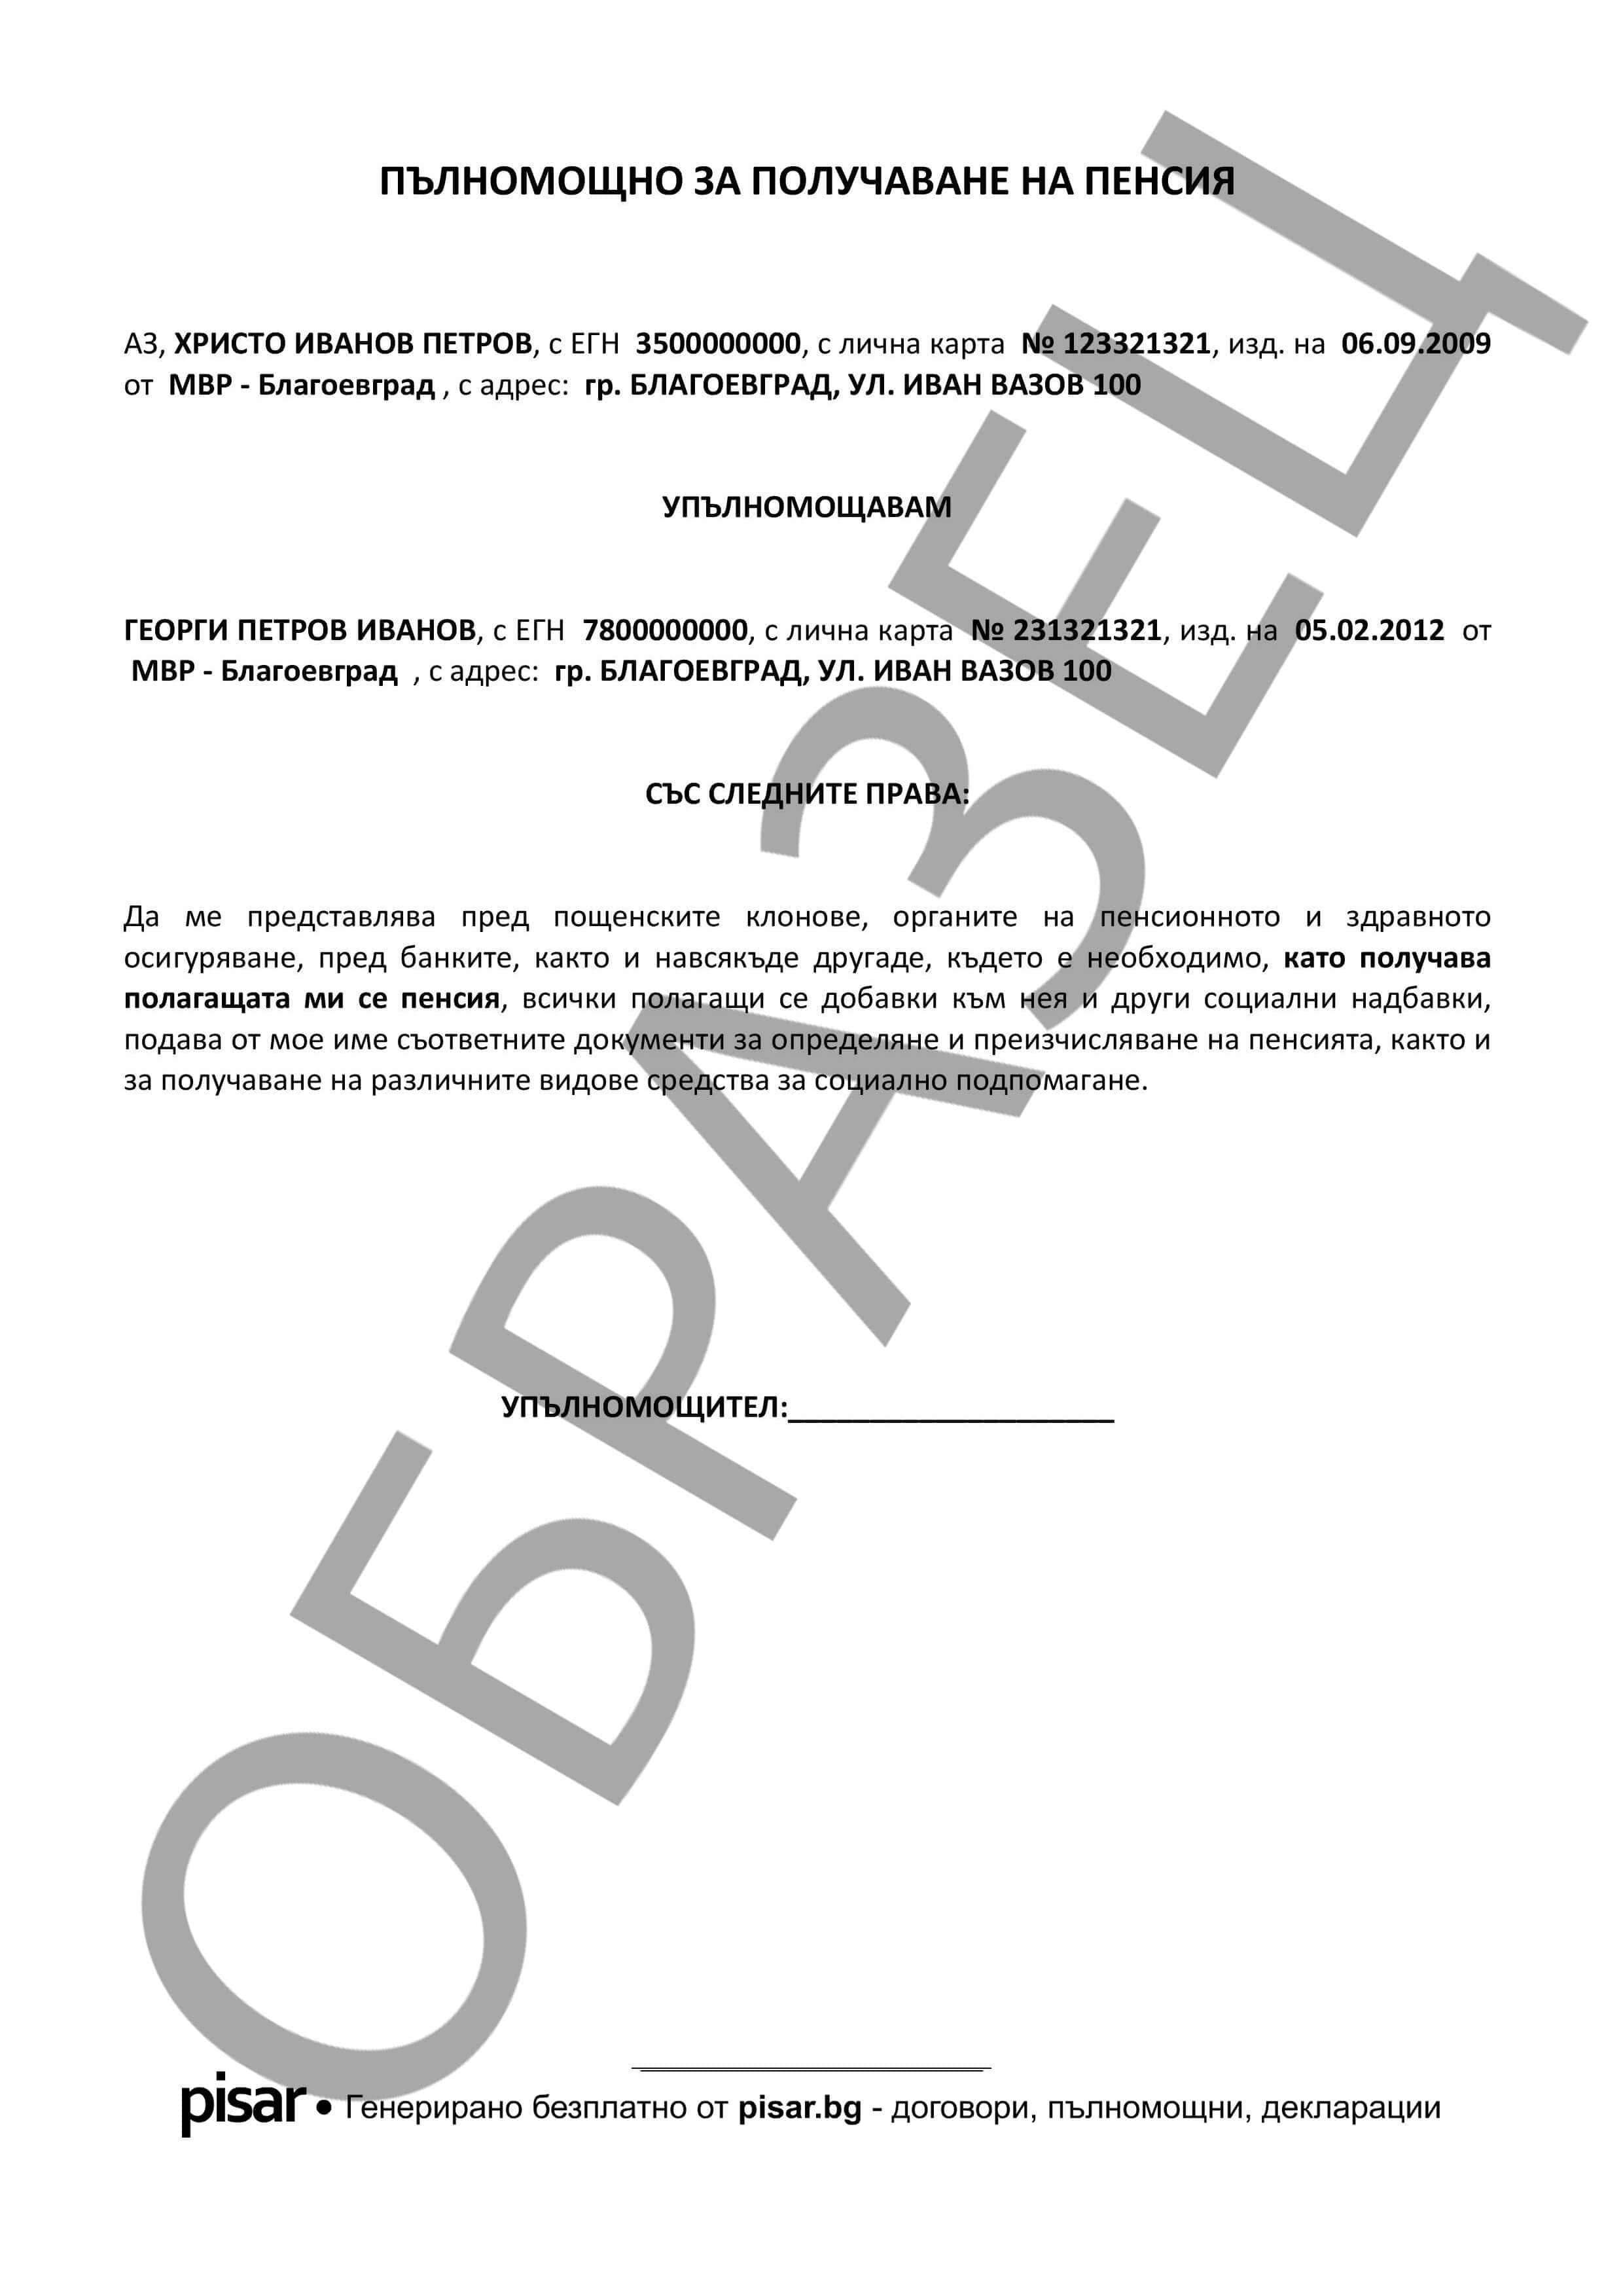 Примерен документ Пълномощно за получаване на пенсия